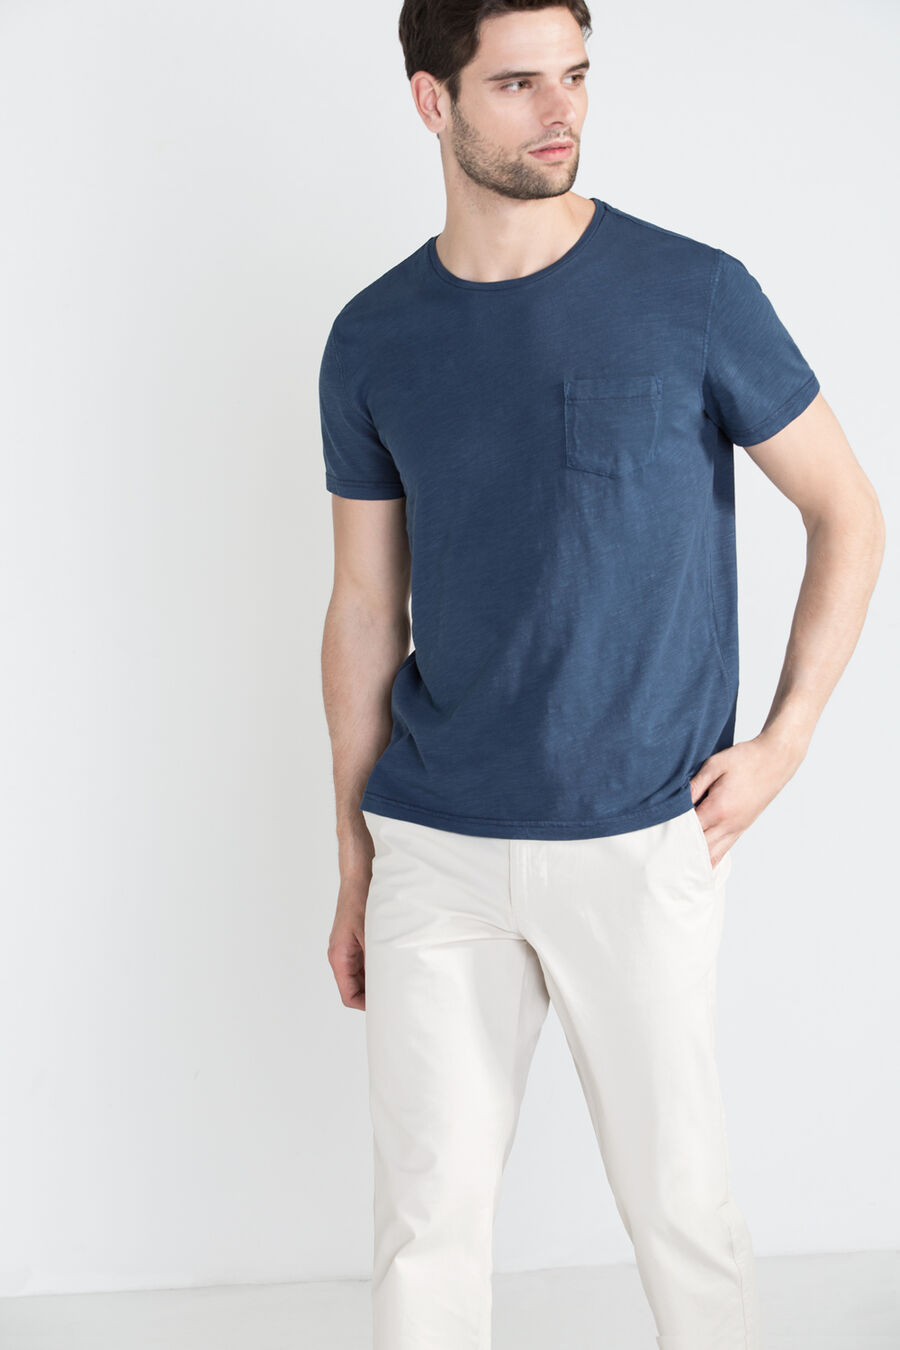 Dye in t-shirt